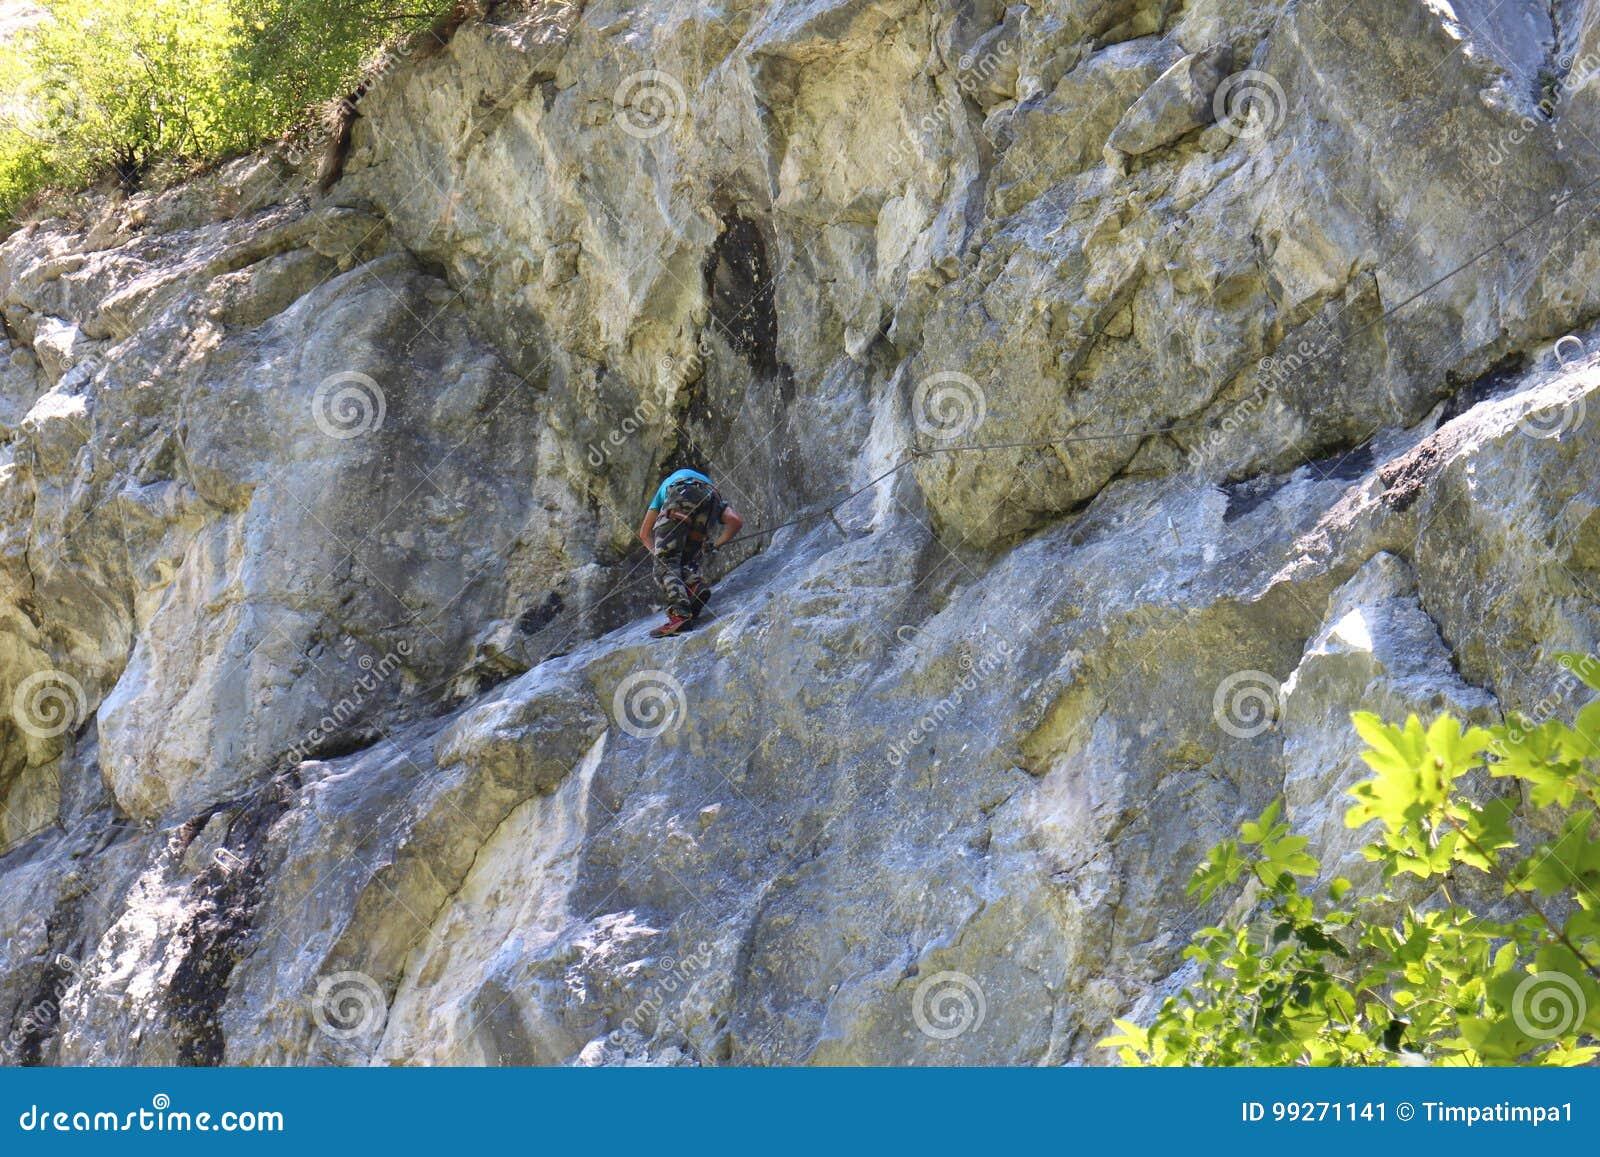 Klettersteig Ferrata : Bergsteiger herein über ferrata trattenbacher klettersteig